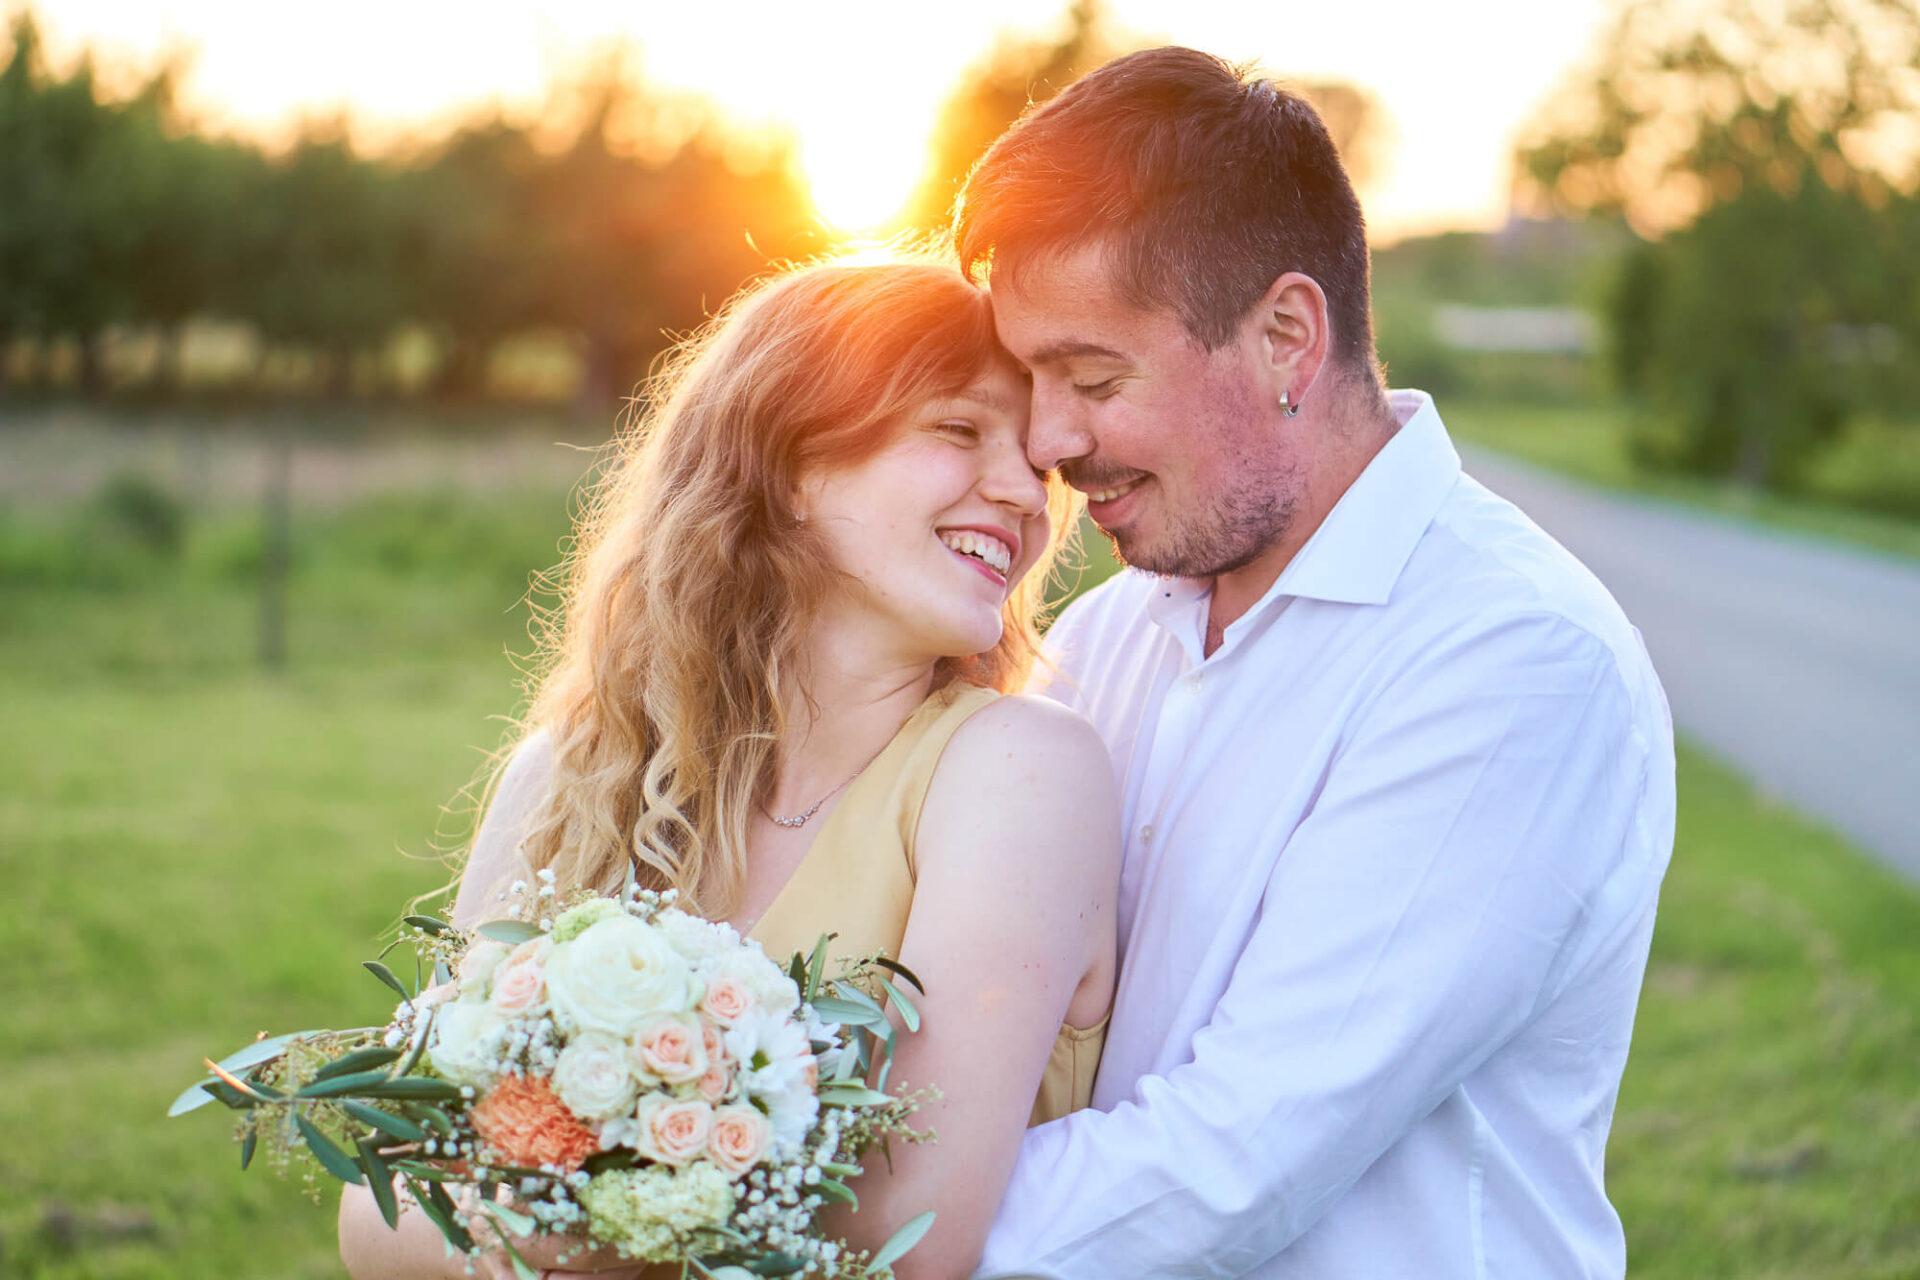 Mann im Hemd lächelt seine Frau im Kleid an